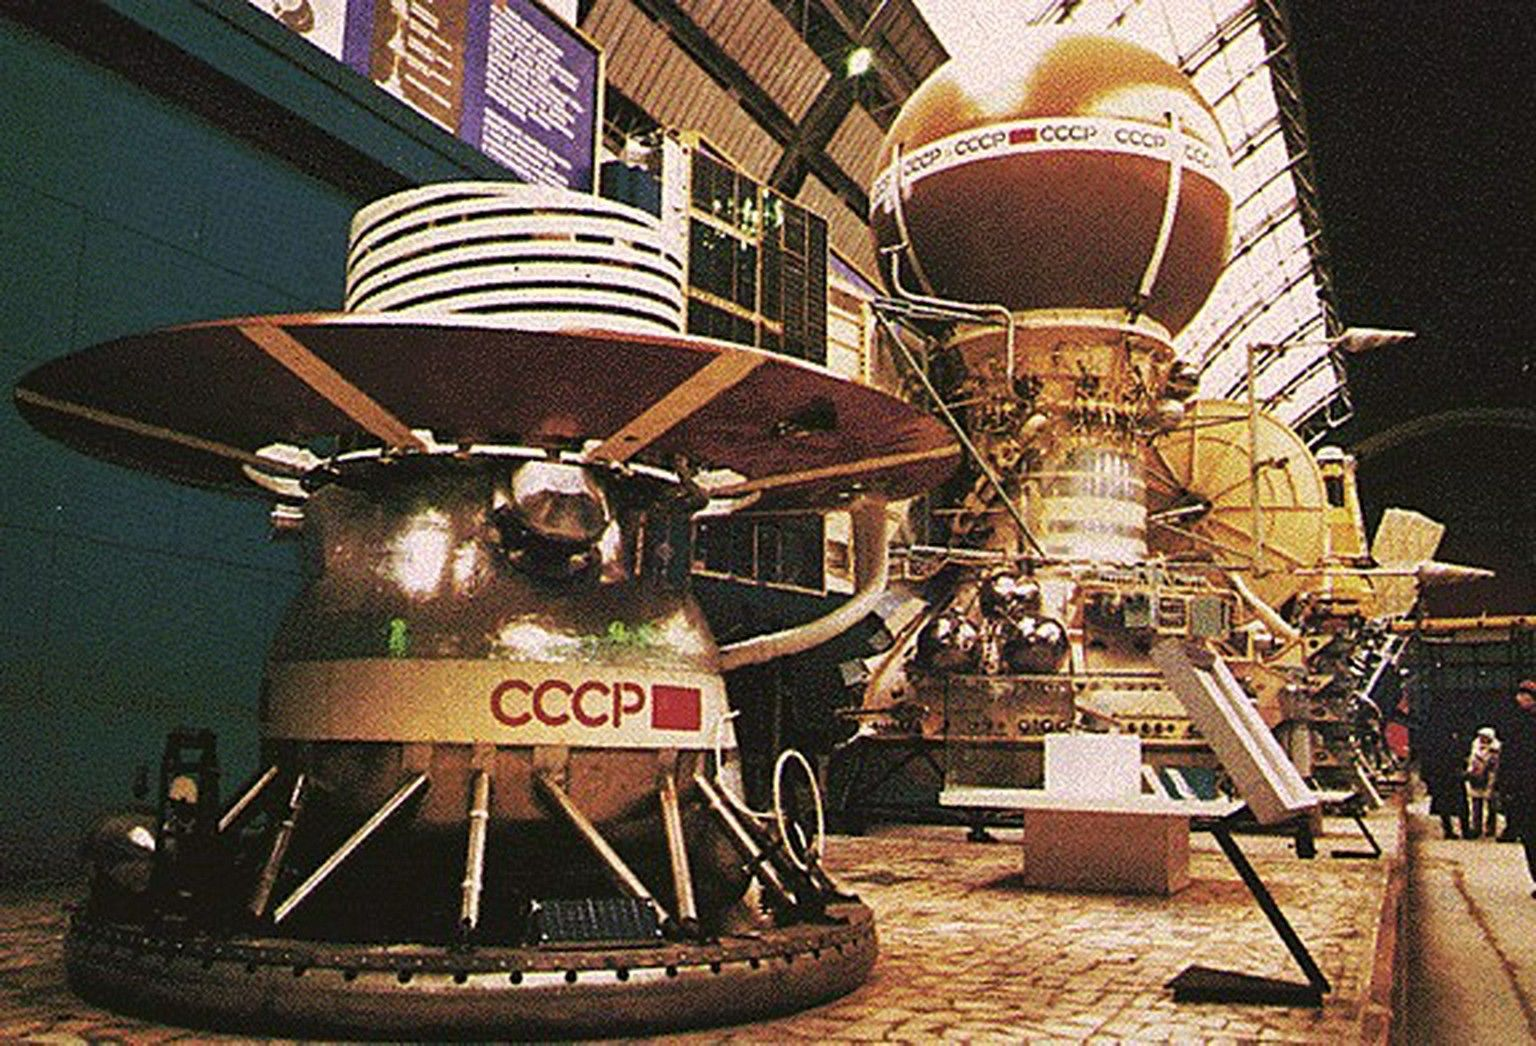 有了它,NASA 能向 462°C 高温的金星发起挑战了